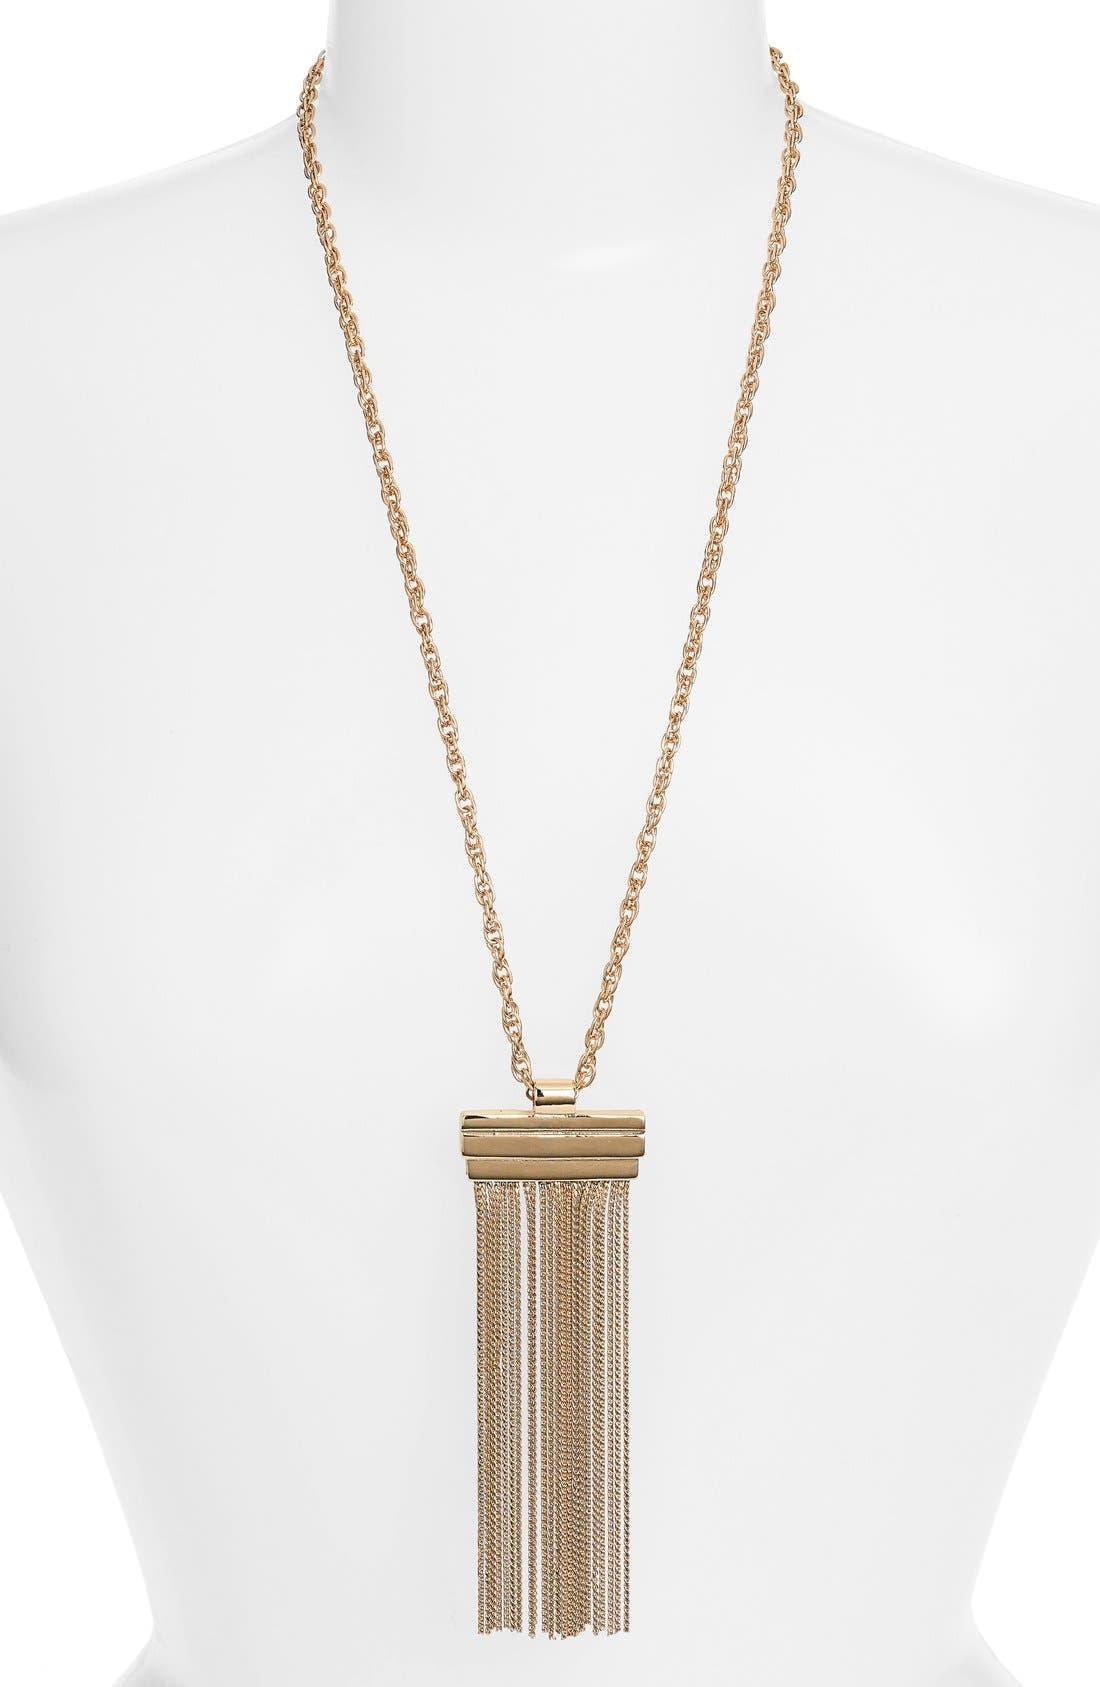 Alternate Image 1 Selected - Elise M. 'Hazel' Fringe Pendant Necklace